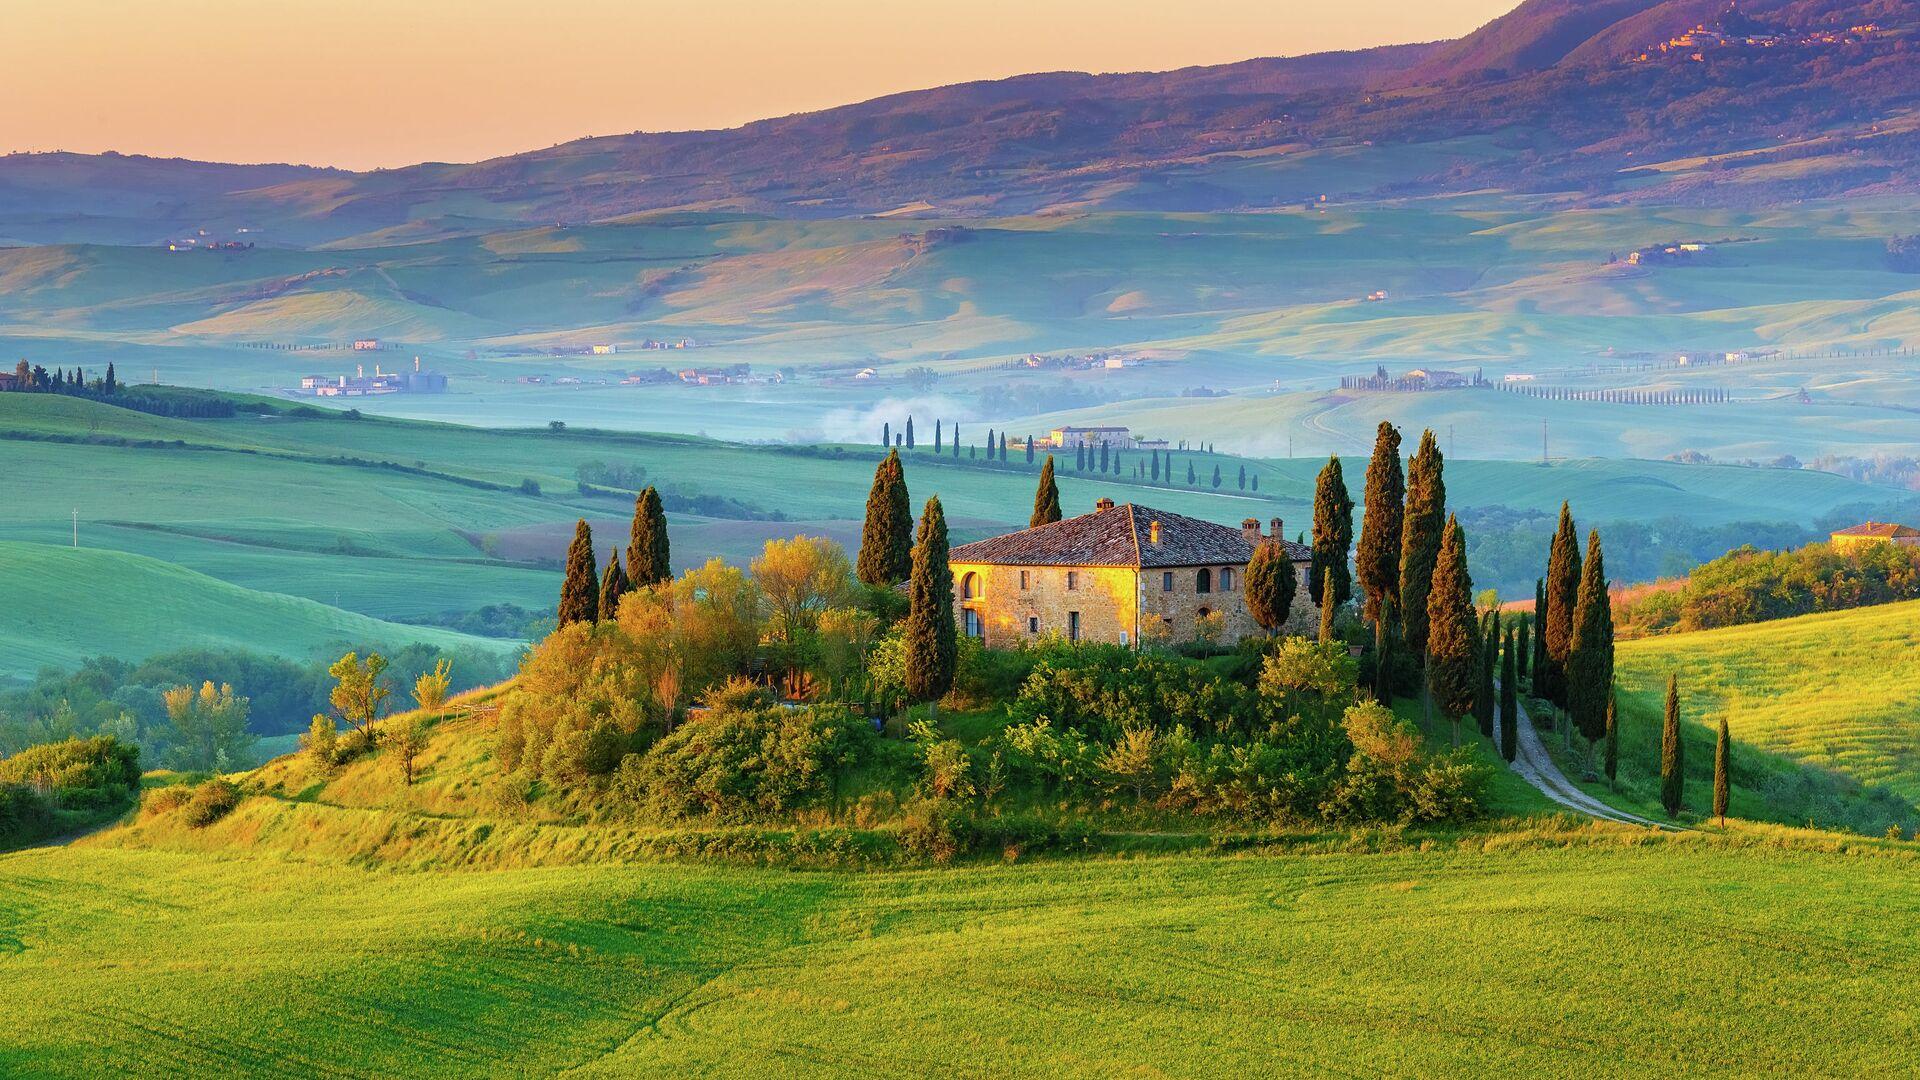 Тосканский пейзаж, Италия - РИА Новости, 1920, 23.10.2020